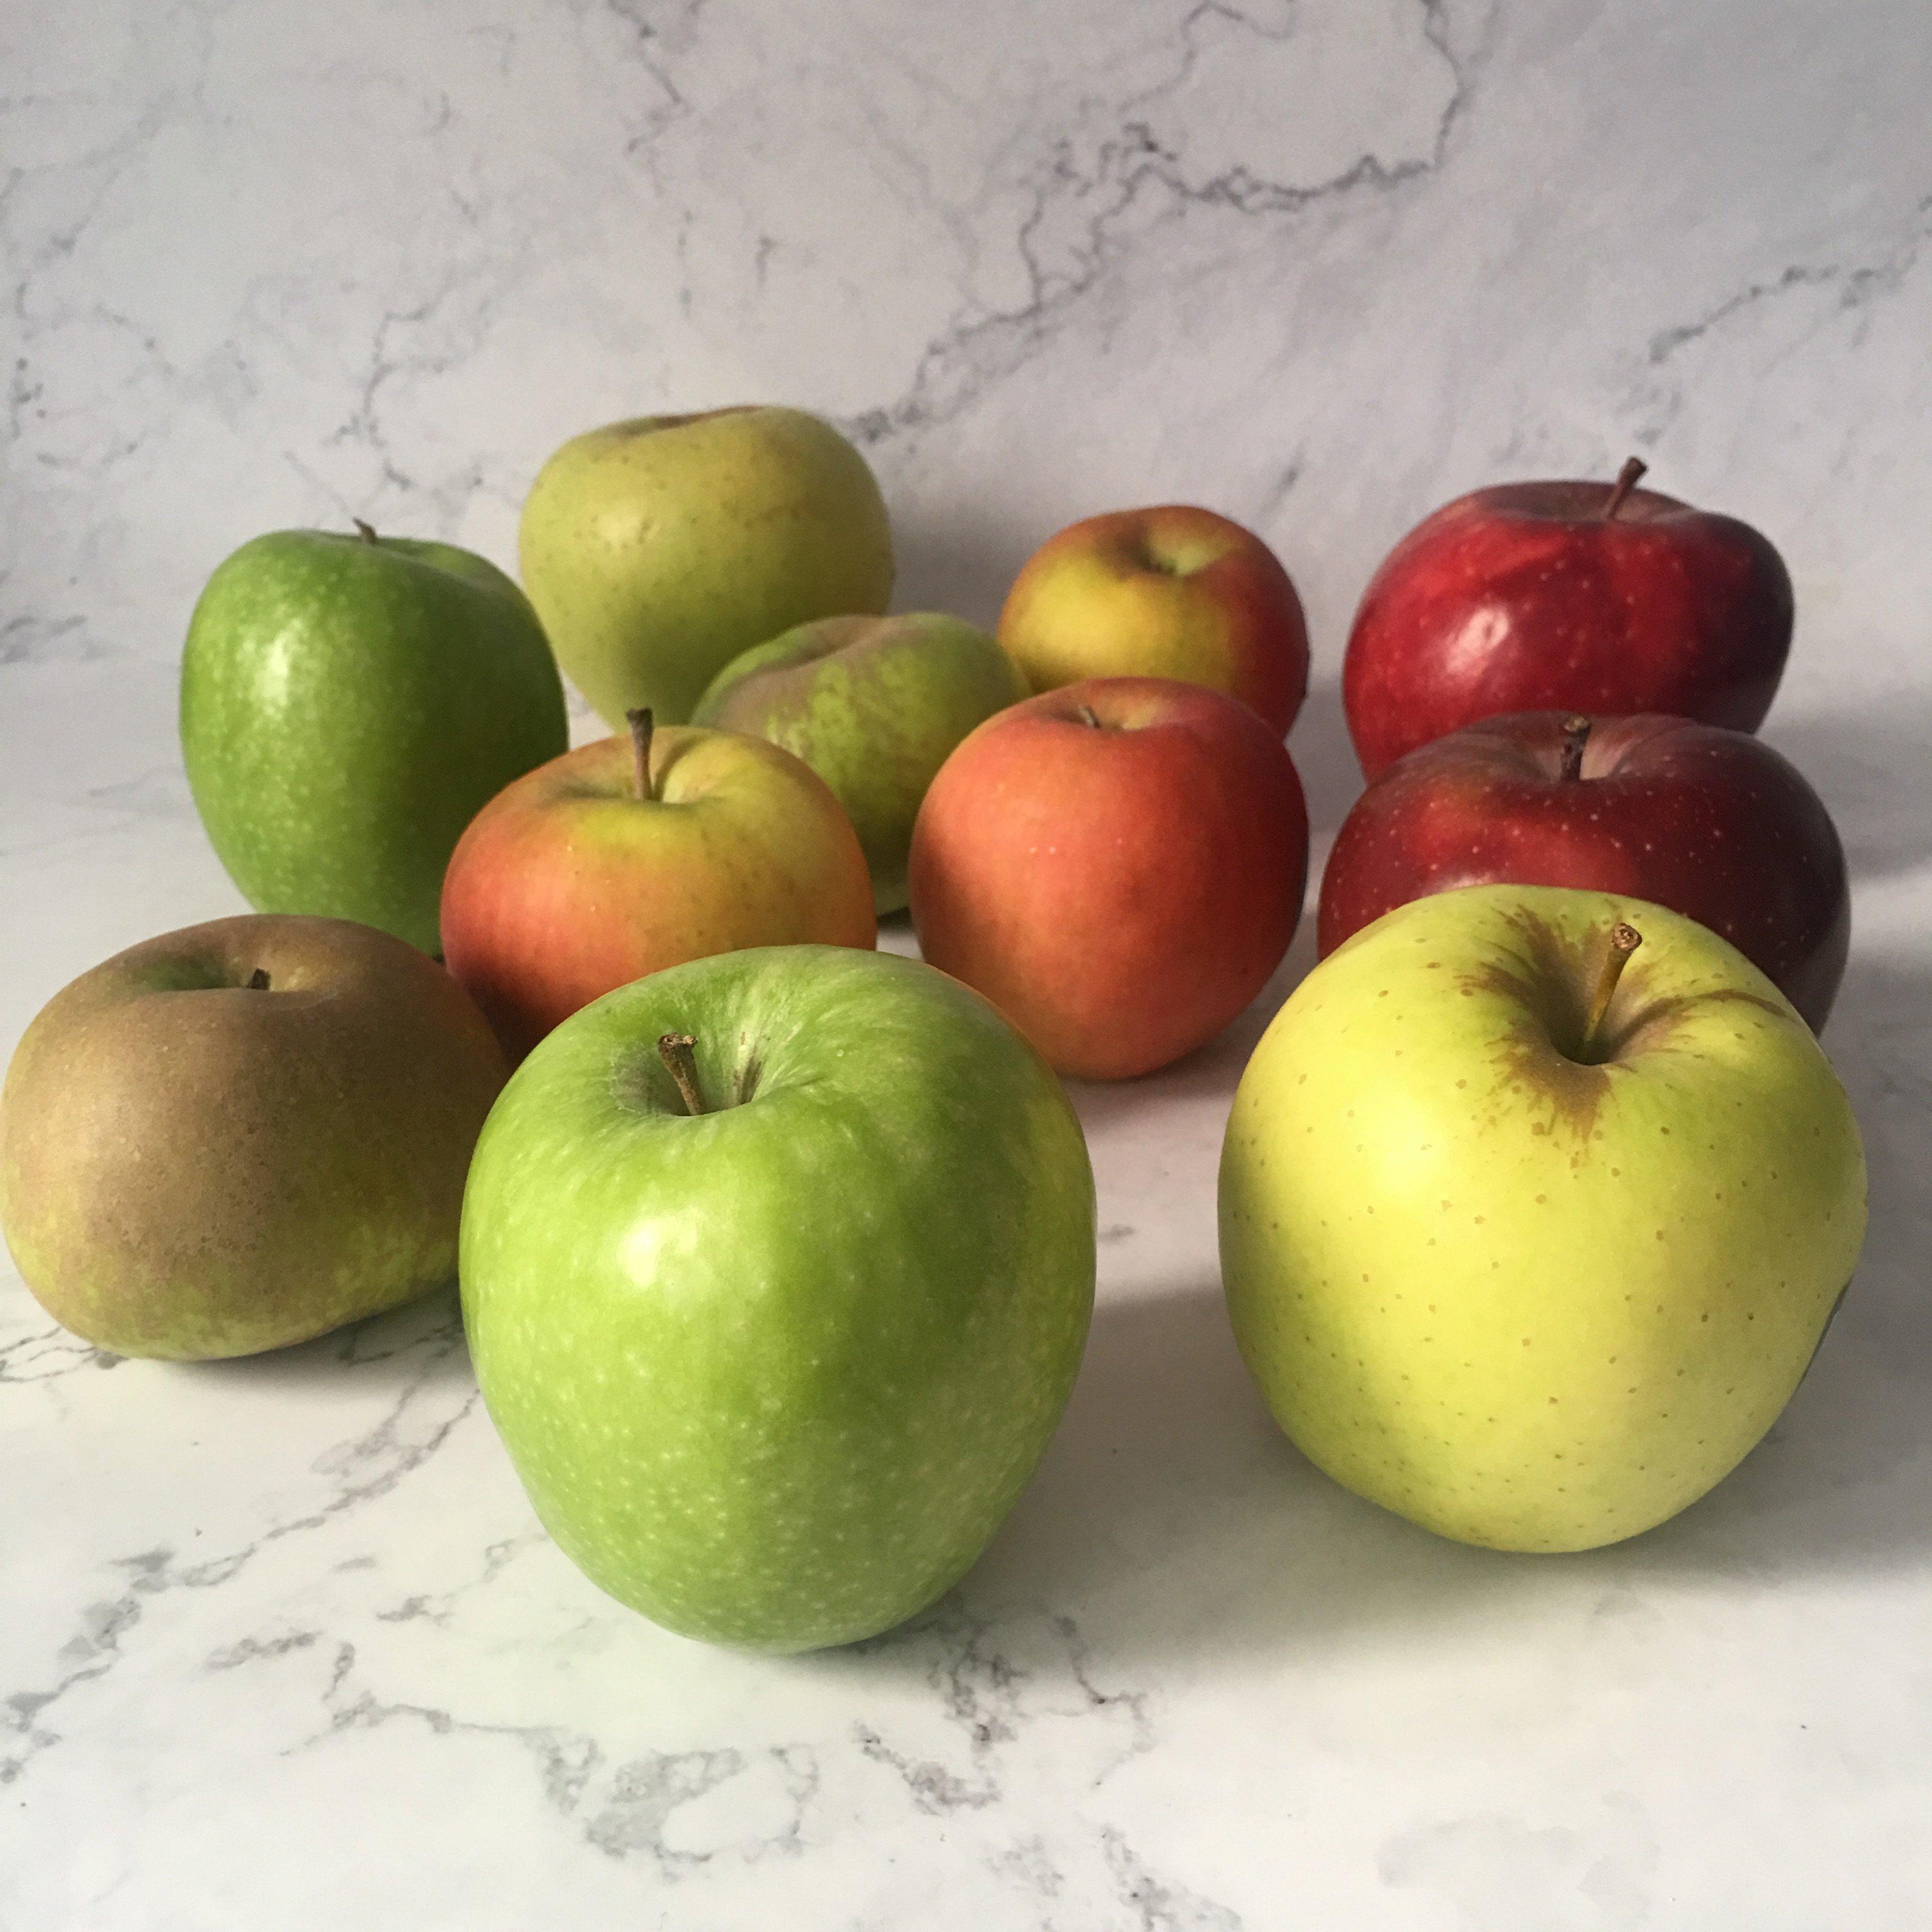 Día internacional de la manzana